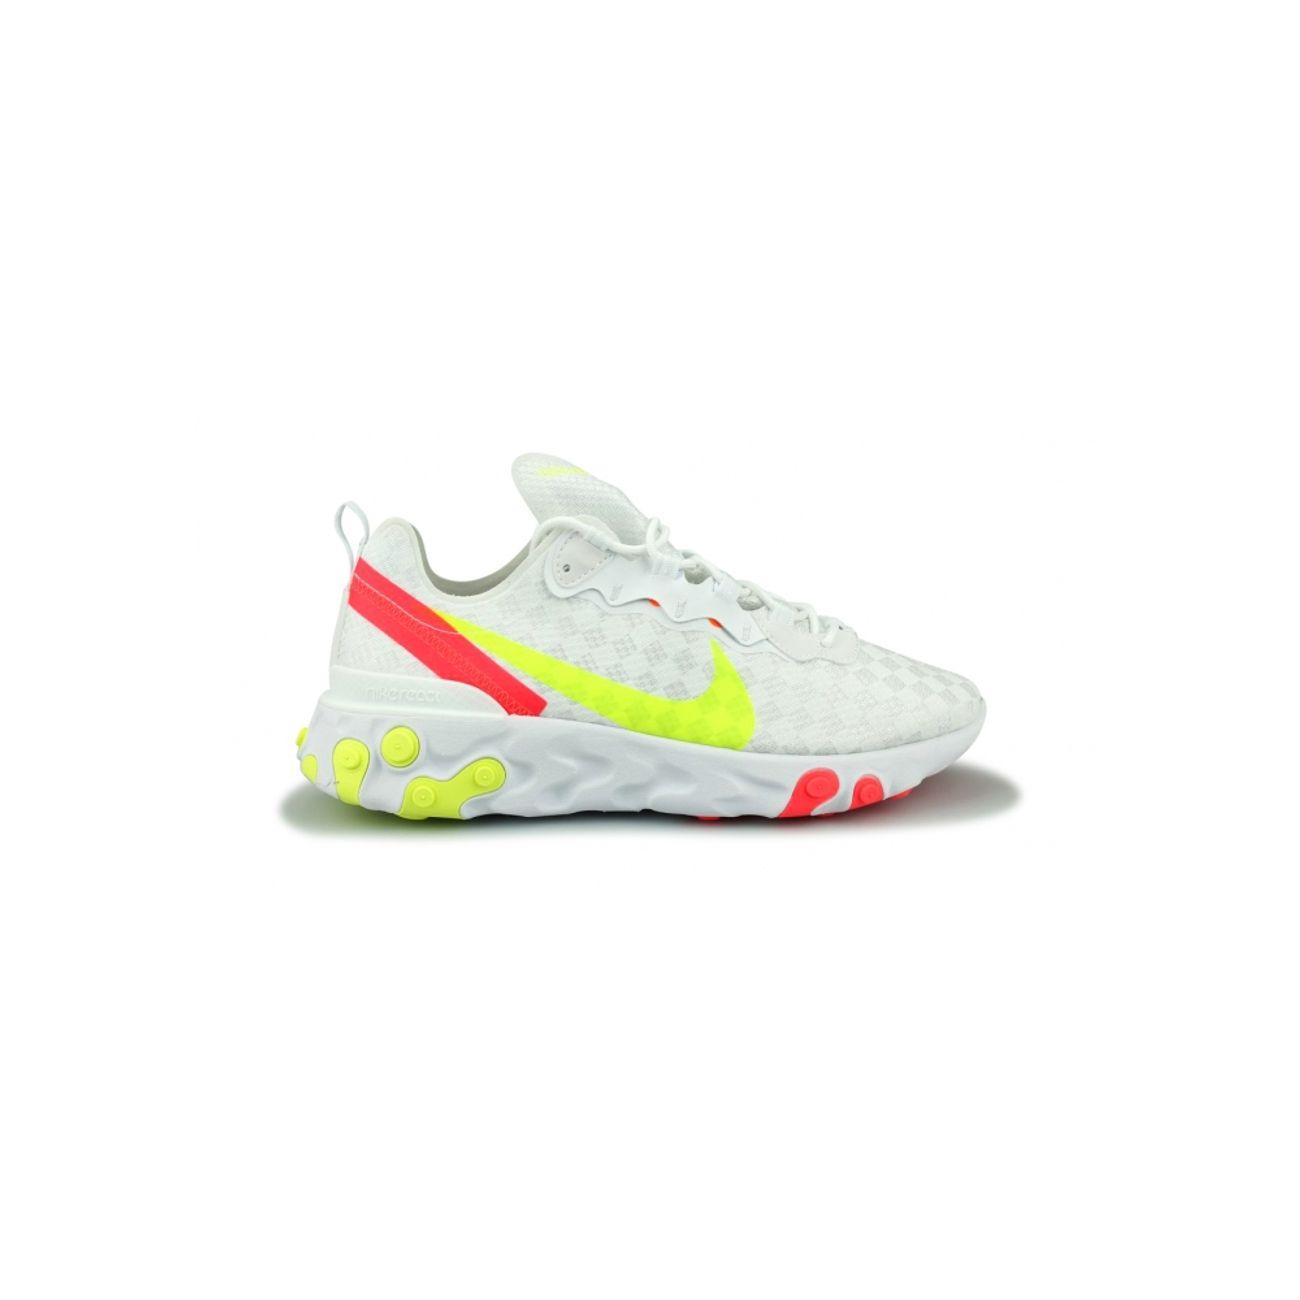 Nike React – Achat CherGo Cj0782 Prix Pas Sport Element 100 Blanc Et Basket 55 NO0nvwm8